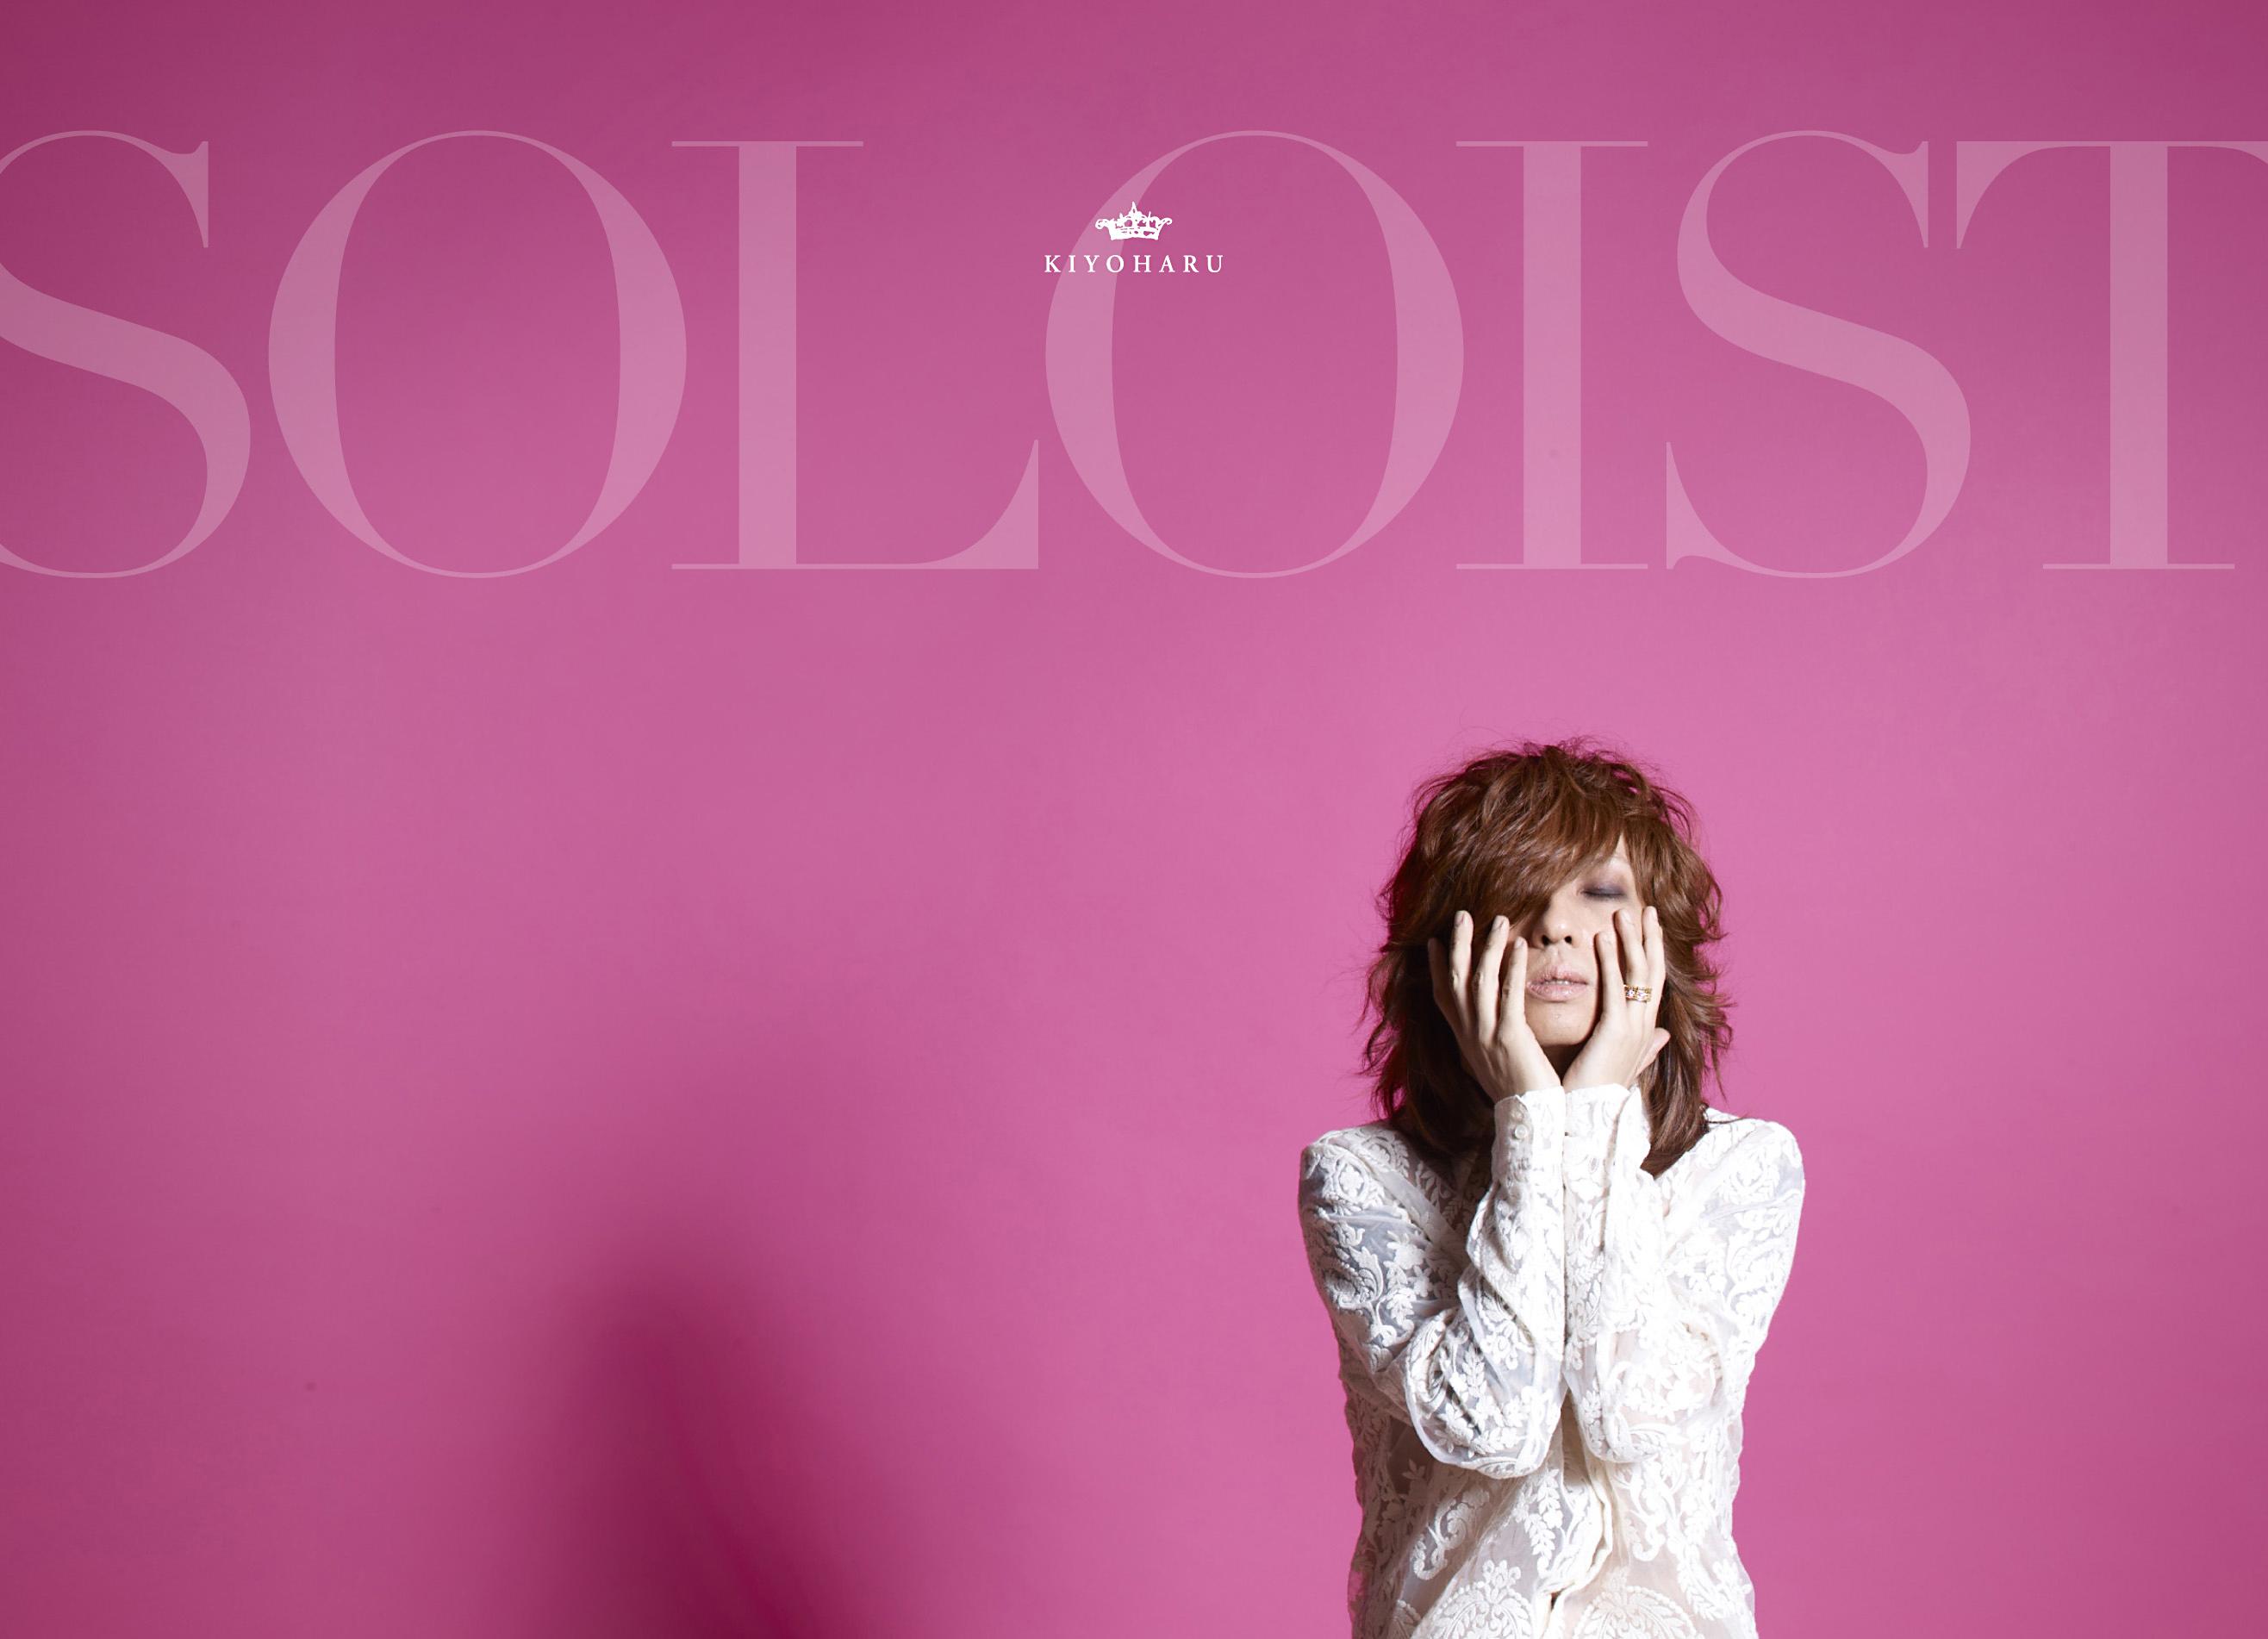 アルバム『SOLOIST』【初回限定盤】(CD+DVD)